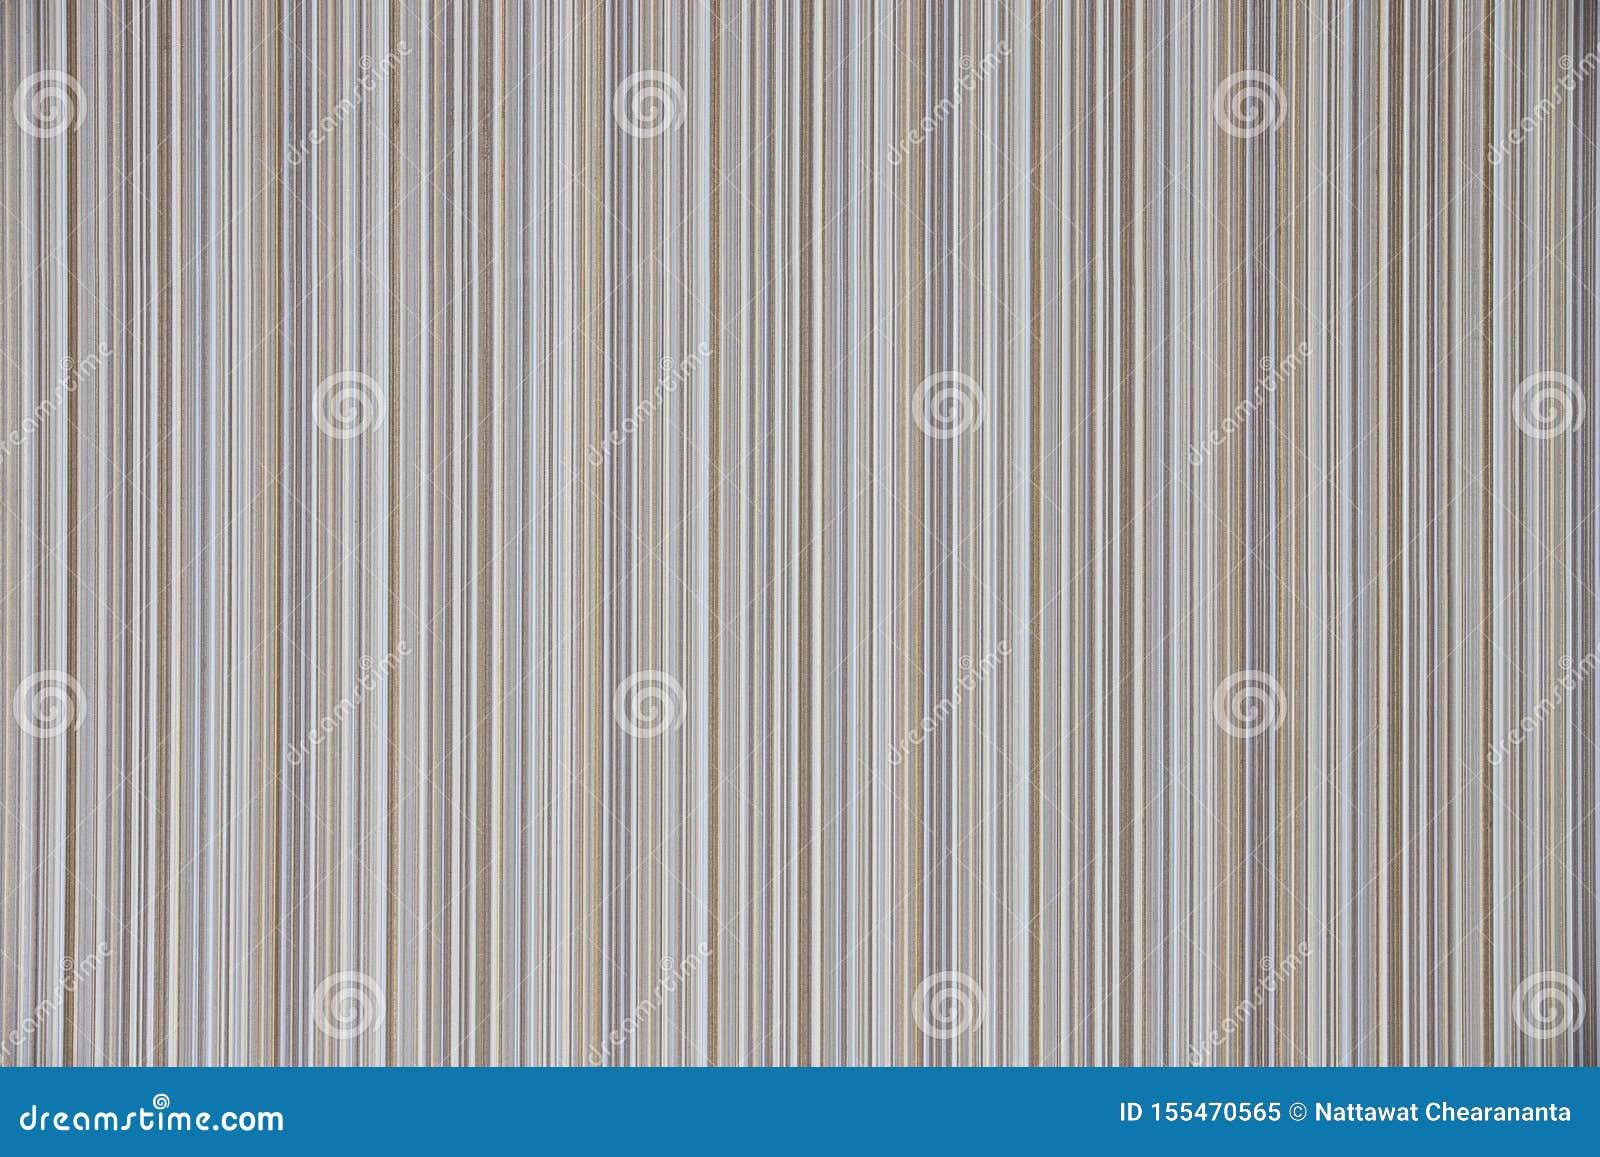 Papier Peint A Rayure Gris Et Blanc ligne de rayure de sarcelle d'hiver, ton gris et blanc de la